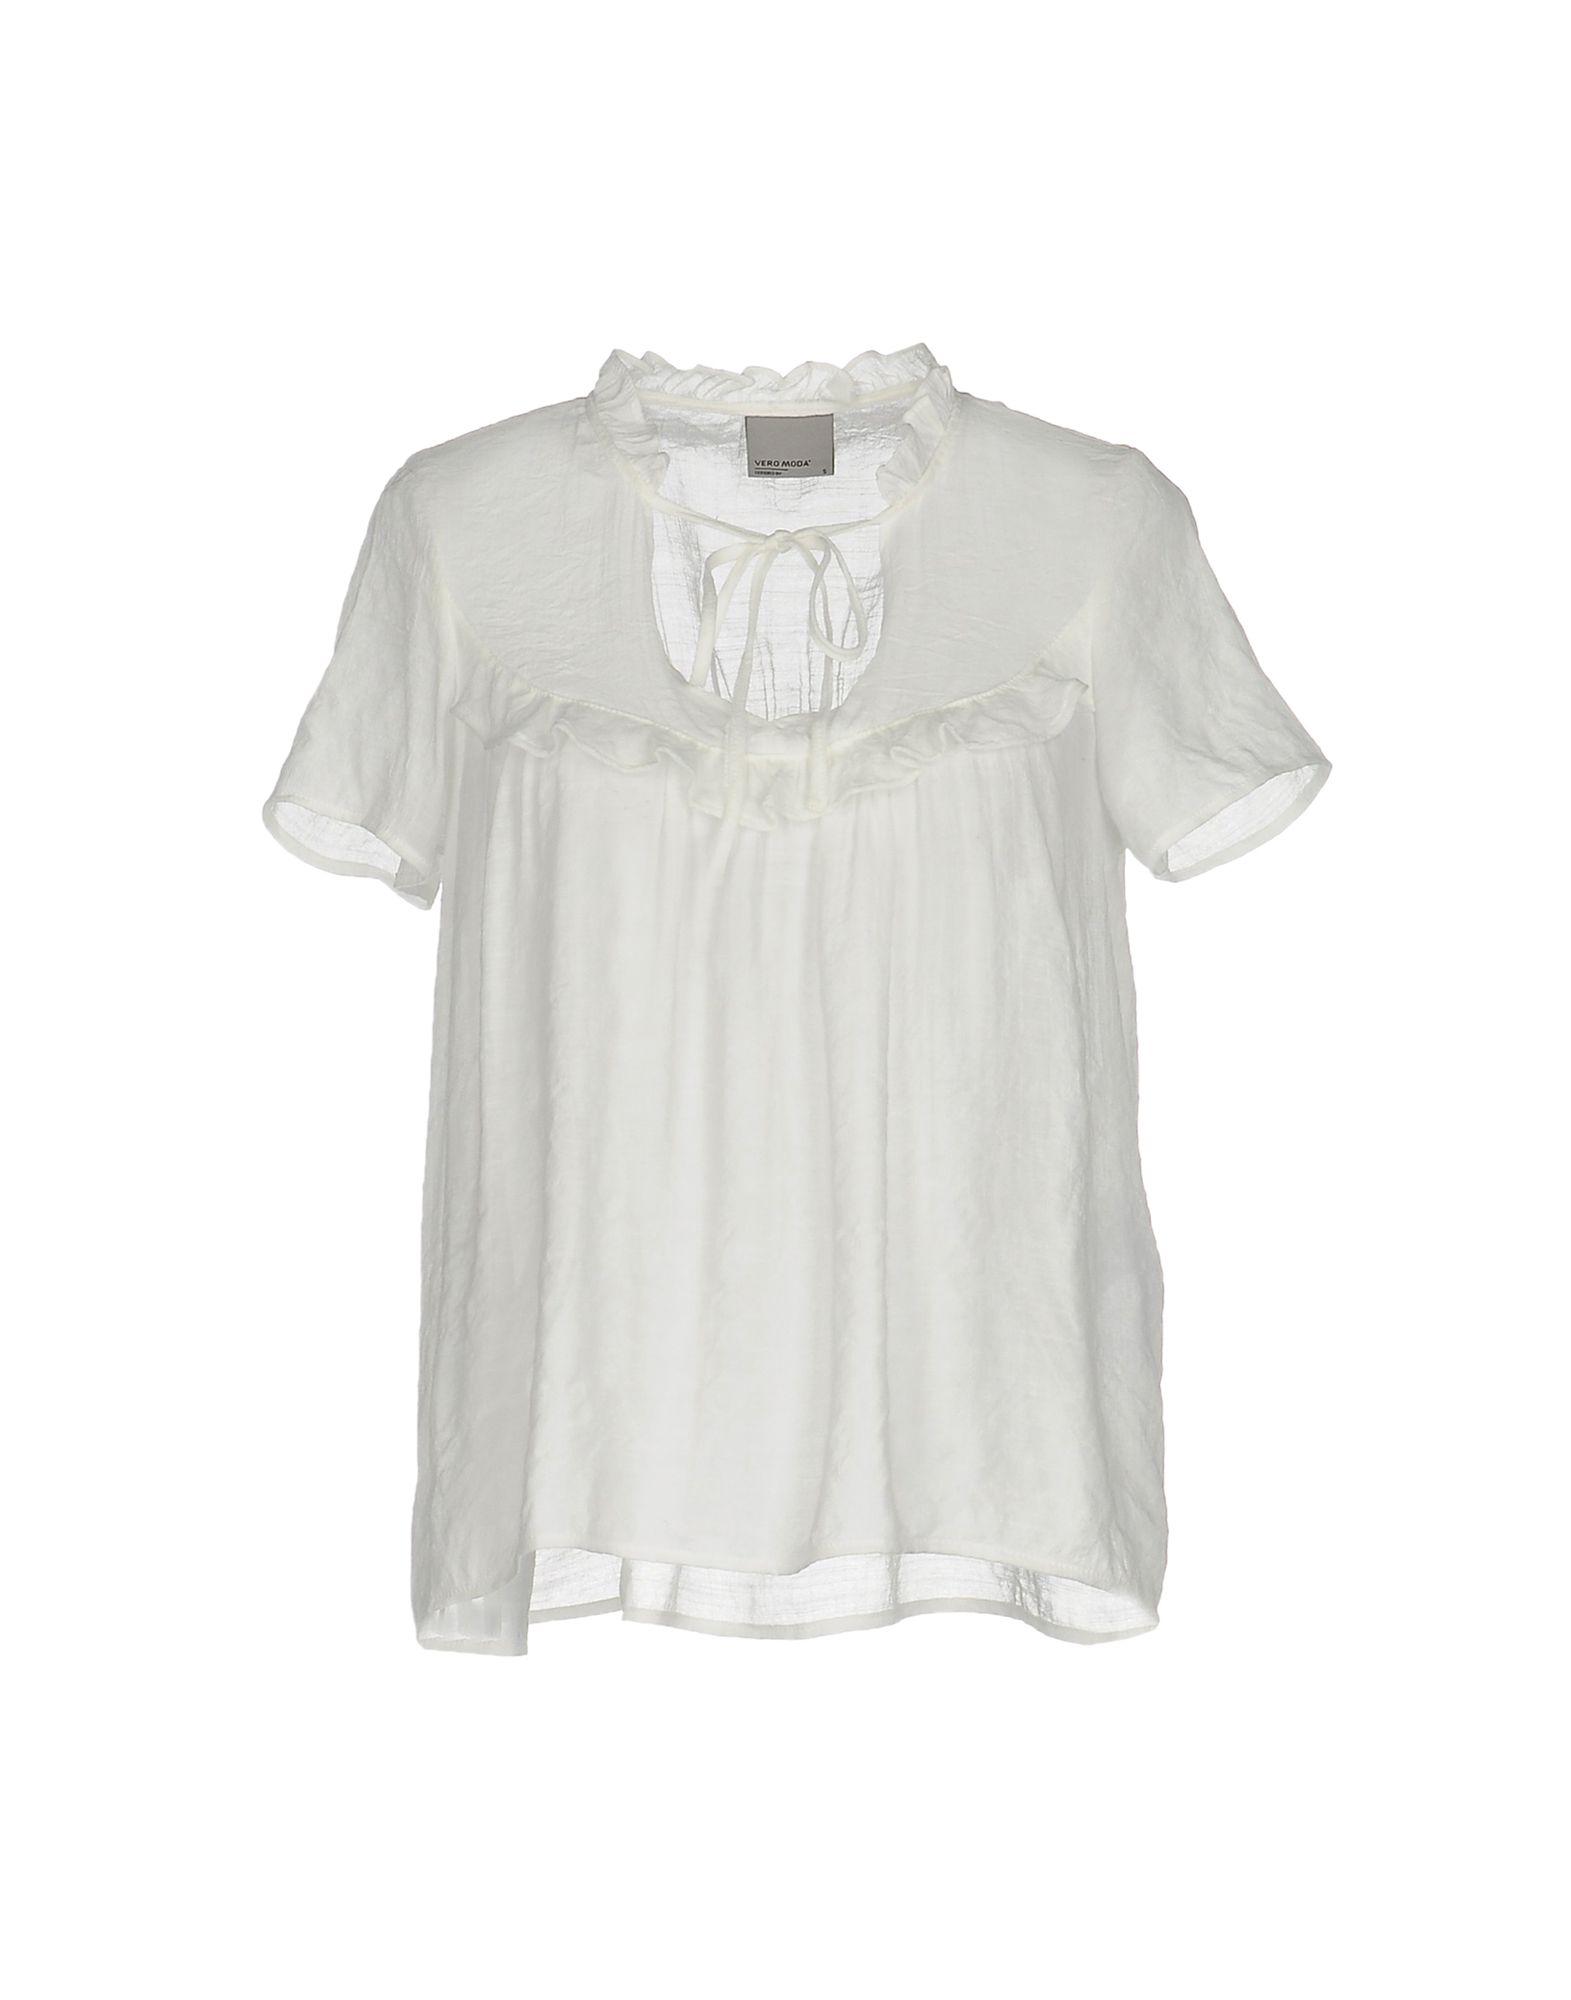 купить VERO MODA Блузка по цене 1500 рублей